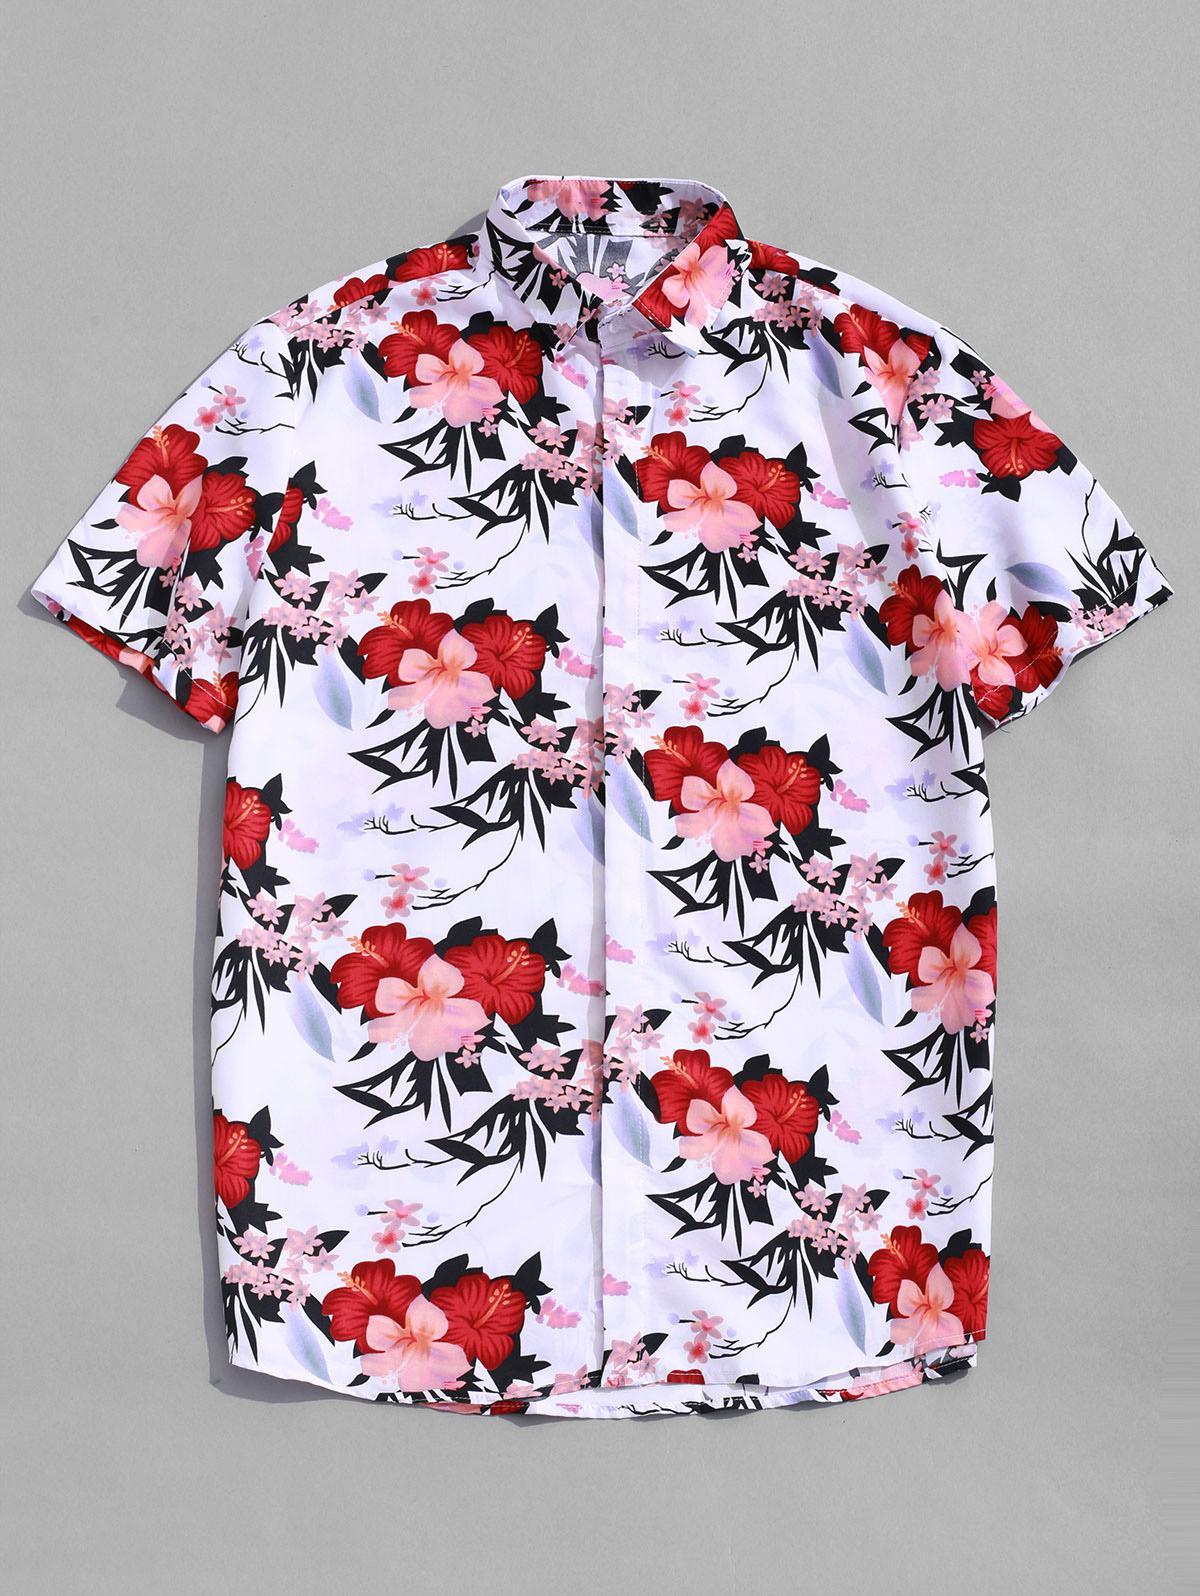 Hawaii Fiori Allover Print Manica Corta Casual Spiaggia Shirt